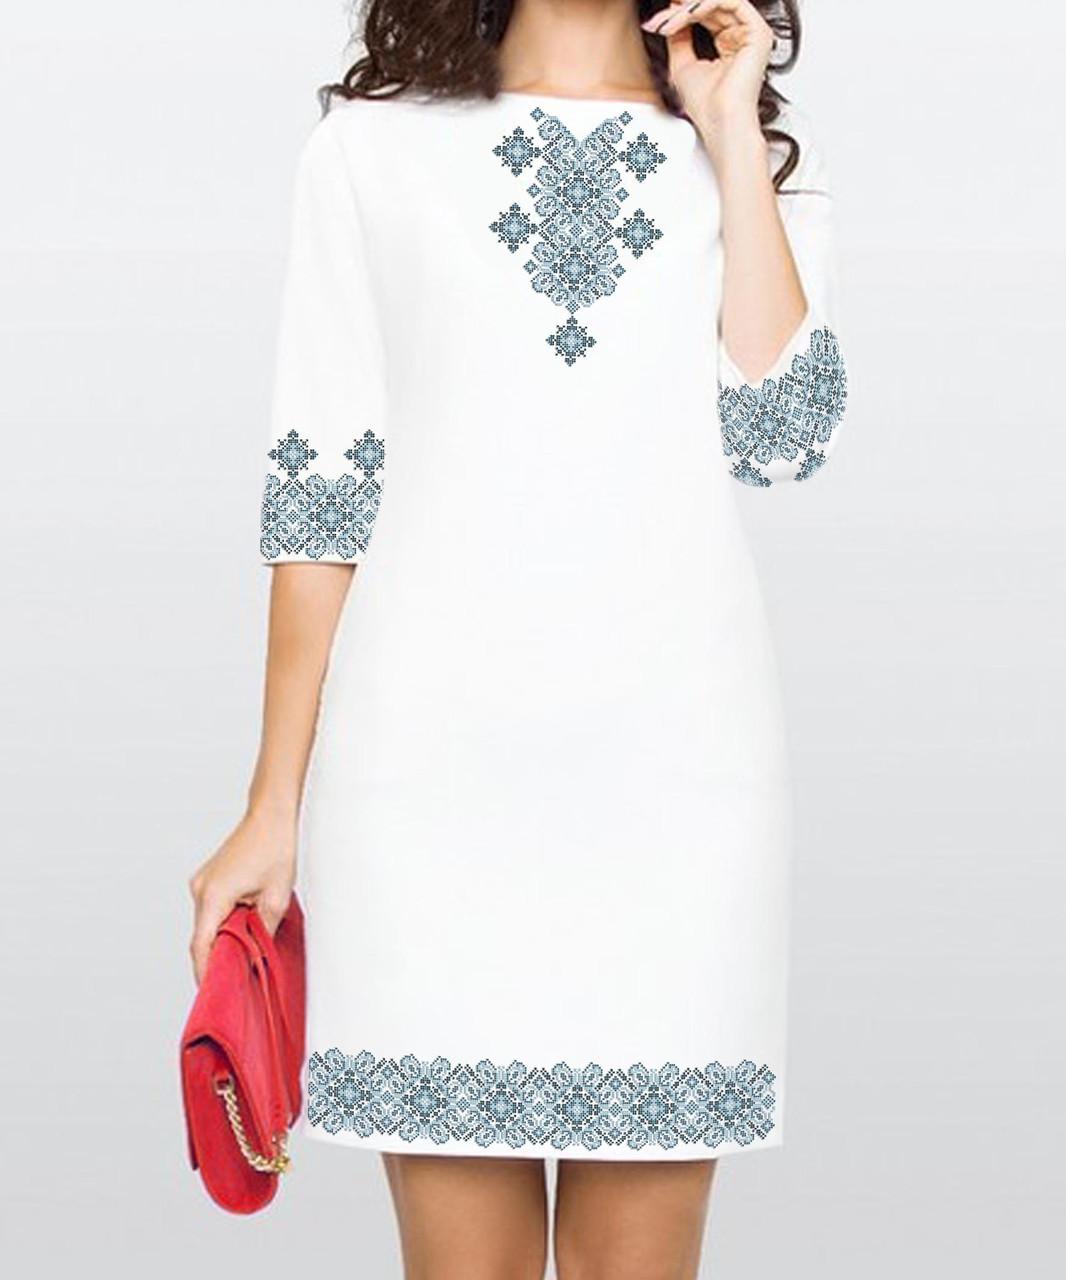 Заготовка жіночого плаття чи сукні для вишивки та вишивання бісером Бисерок  «Зорепад» (П-153 )